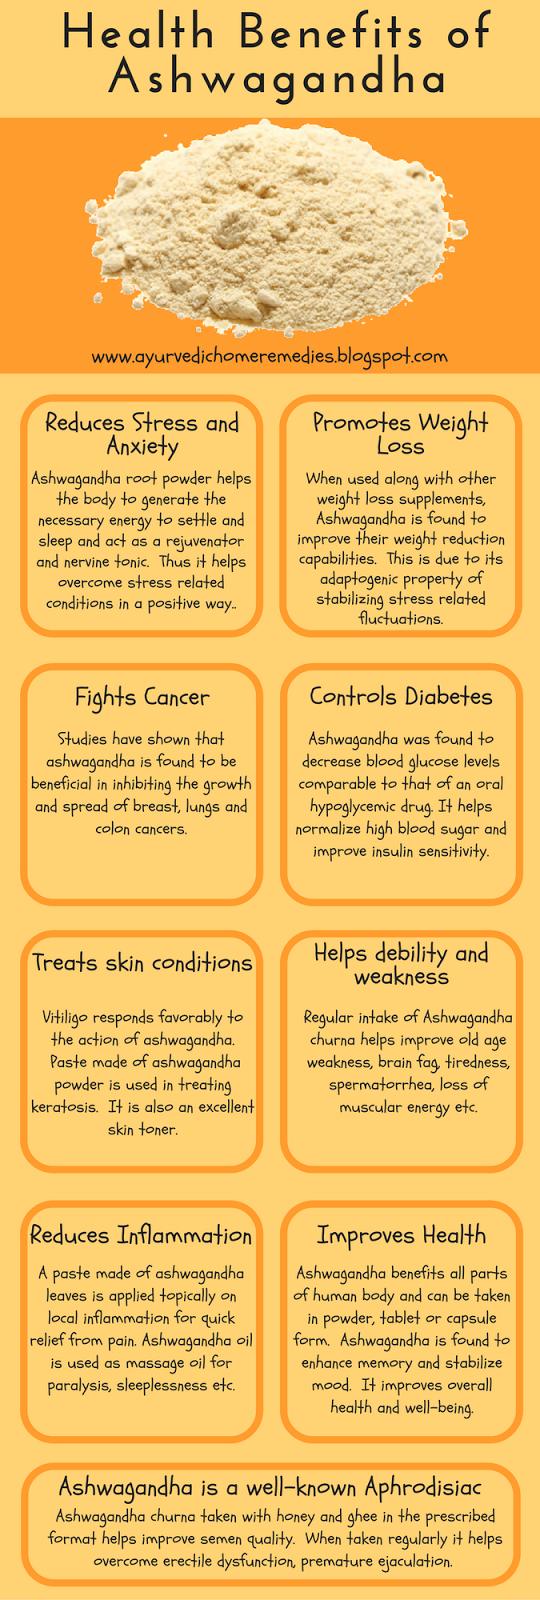 Ashwagandha Benefits For Women